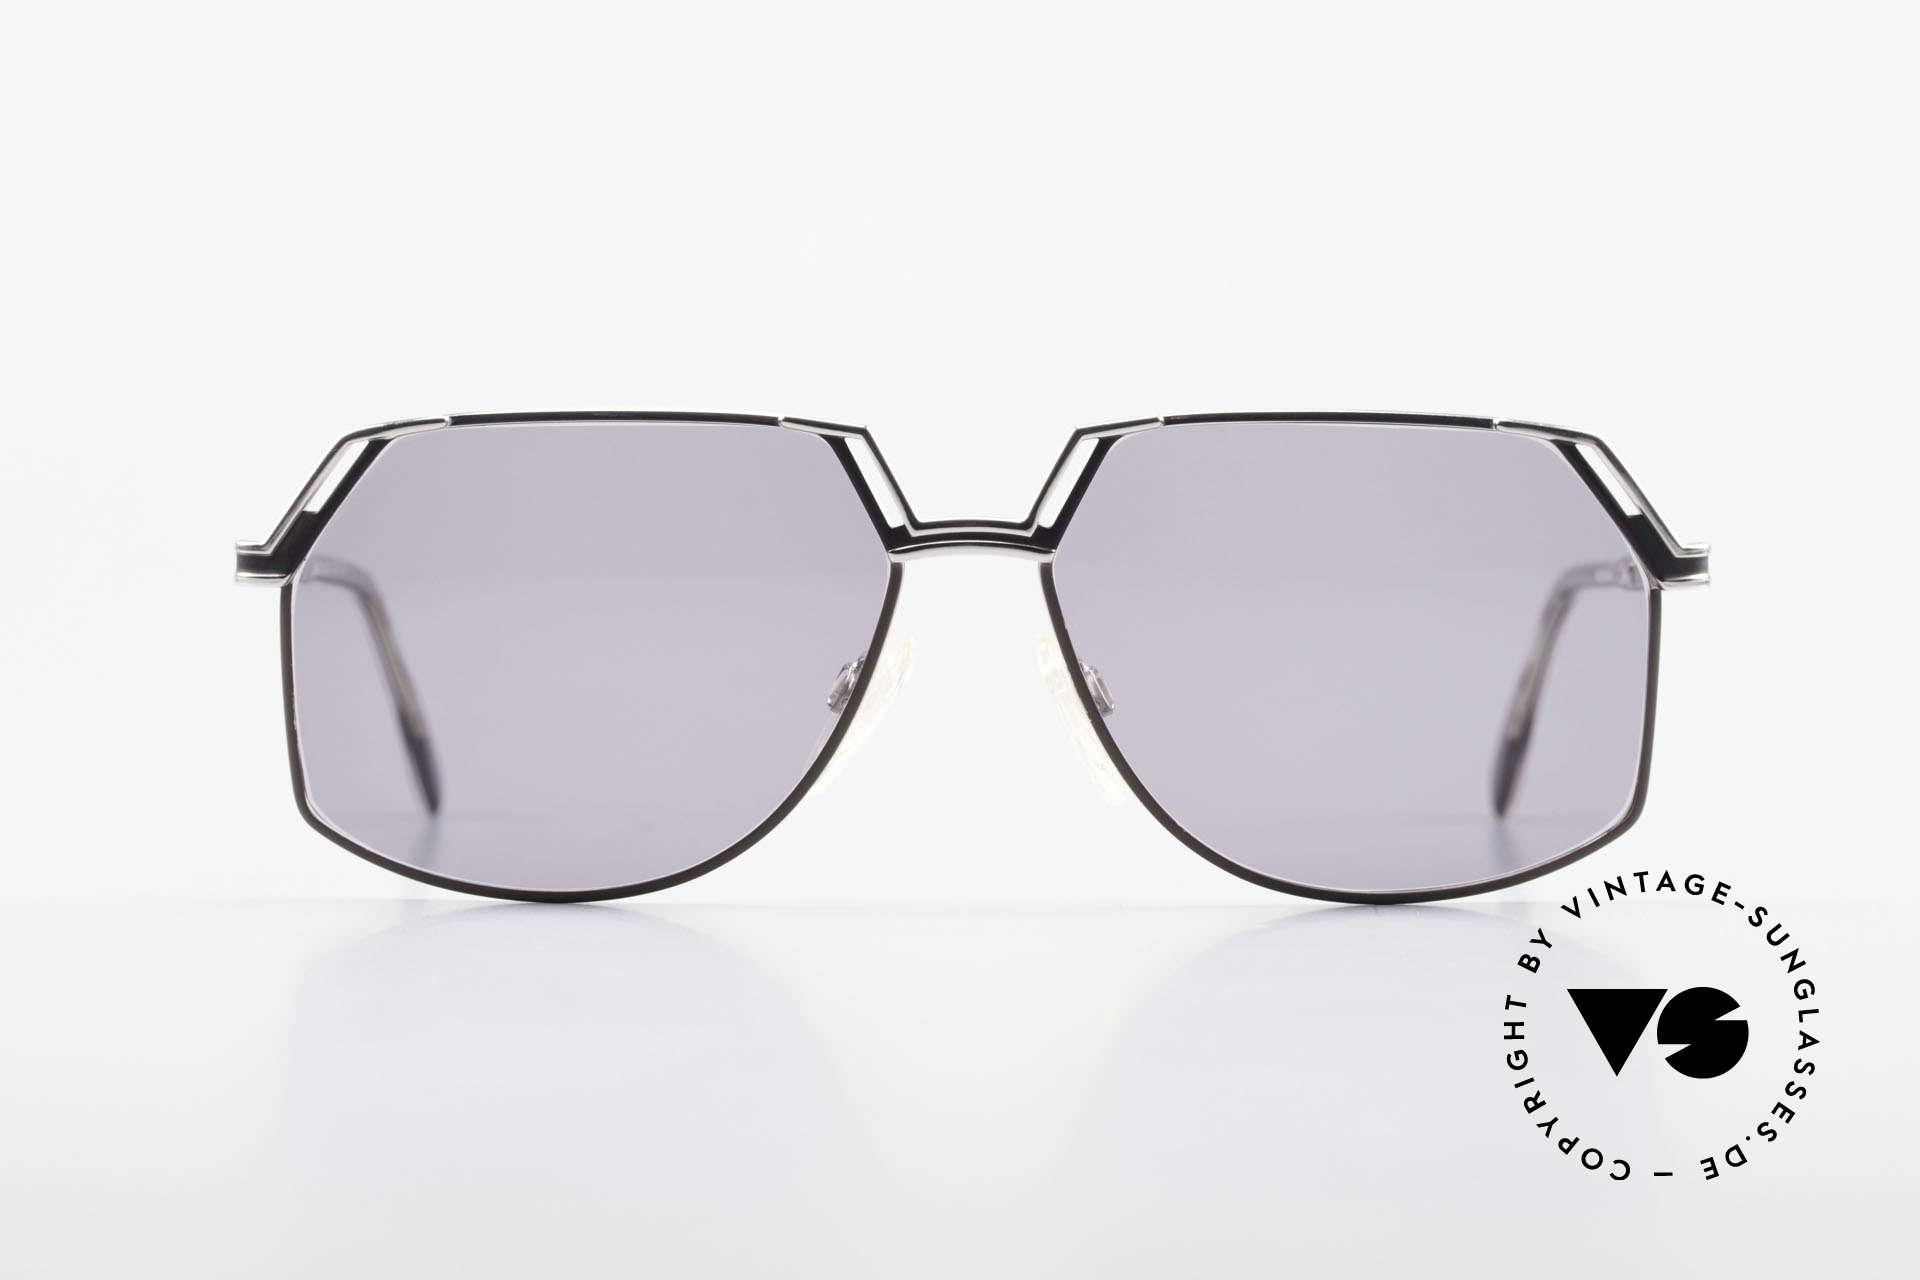 Cazal 738 True Vintage Sonnenbrille, Rahmen aus robustem Metall and mit Kunststoffbügeln, Passend für Herren